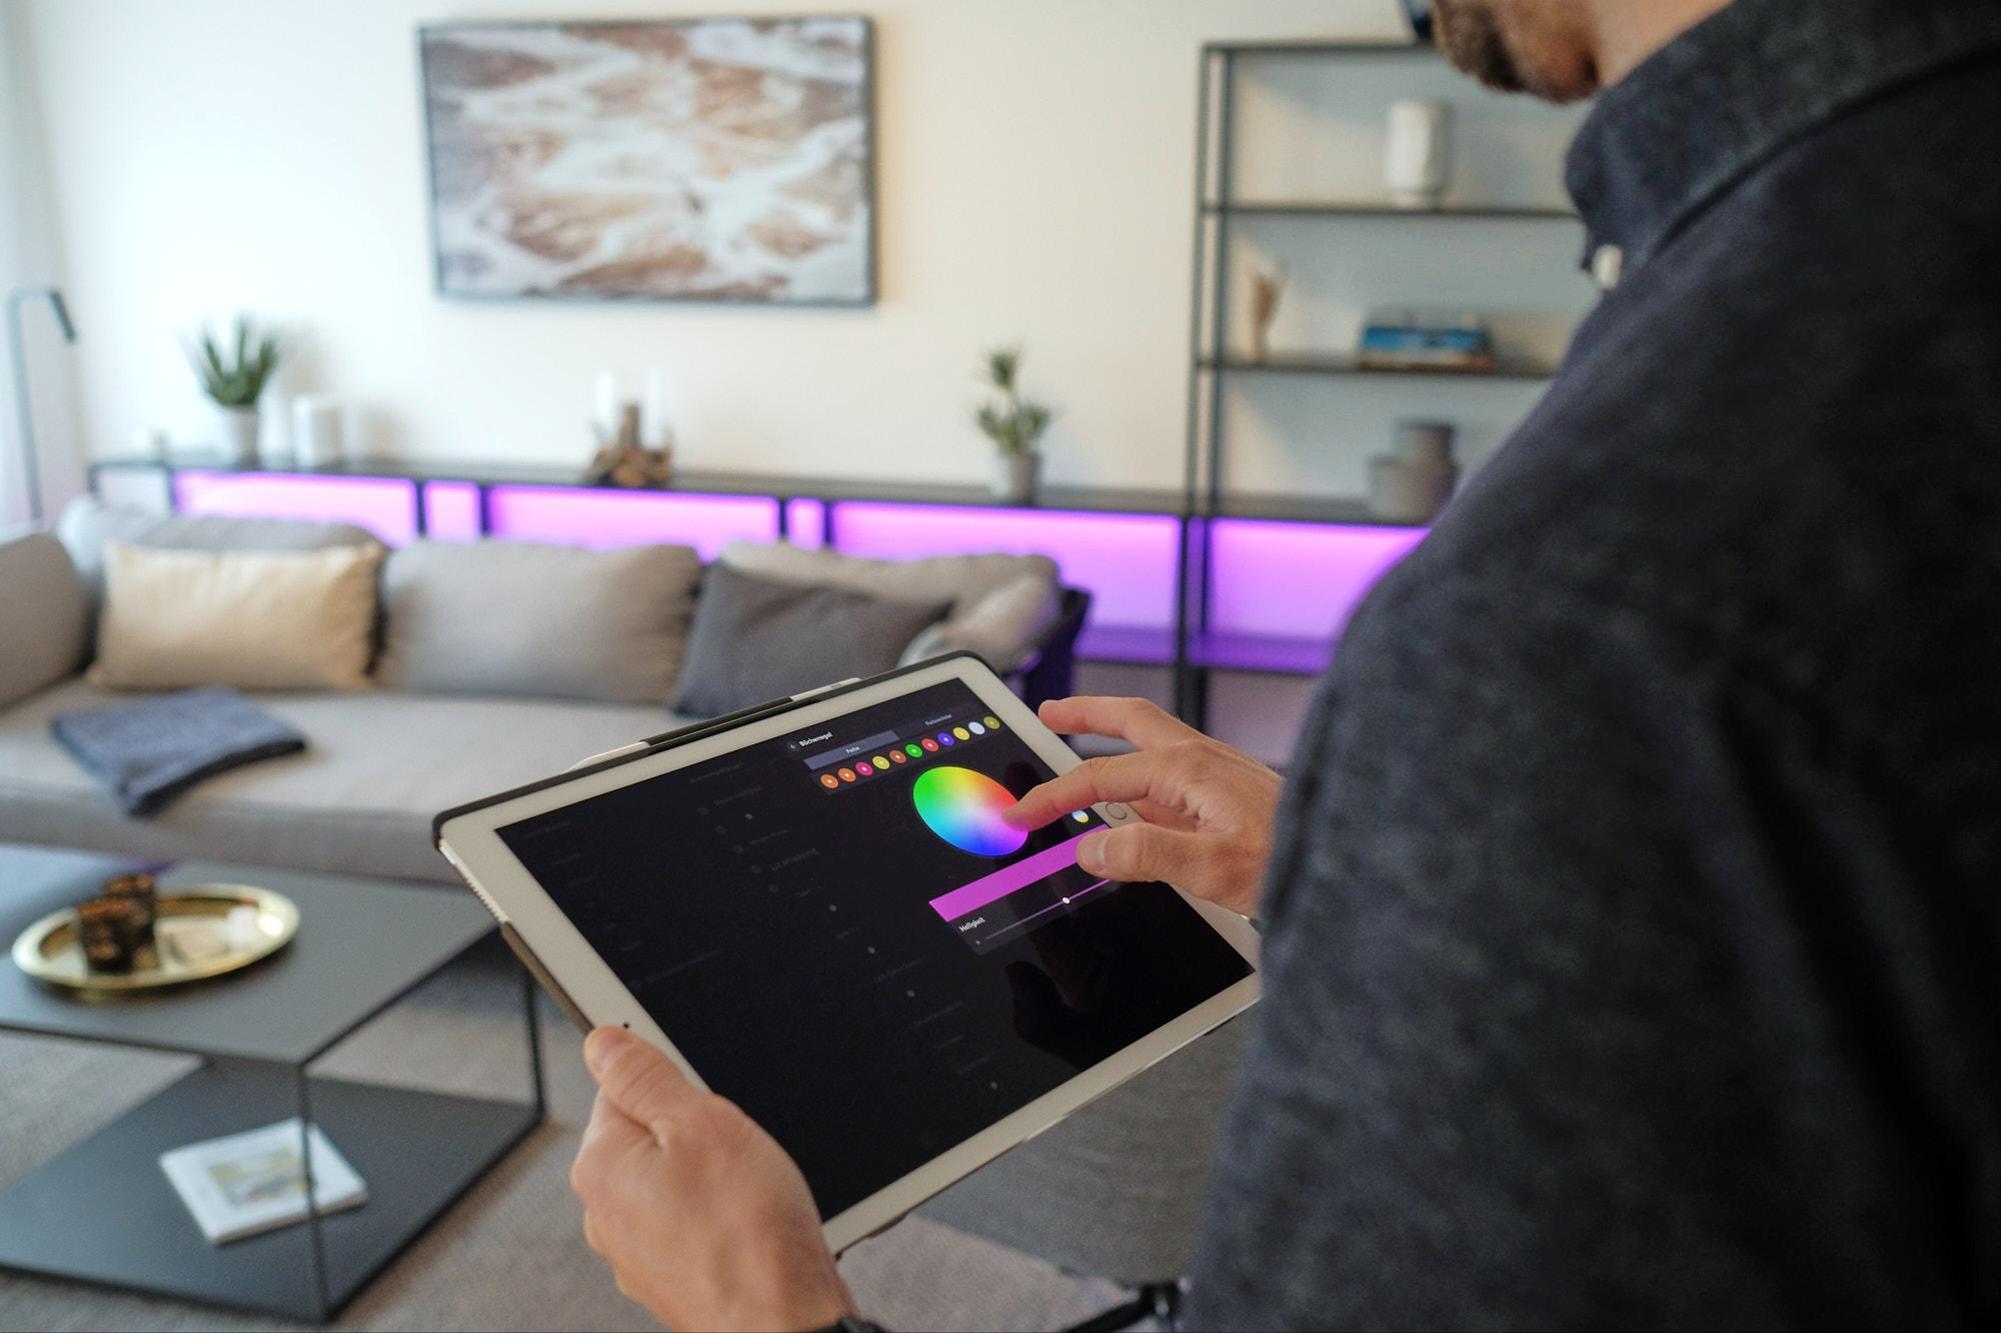 La tablette permet de configurer des décors et de contrôler directement l'éclairage. Jan Graber